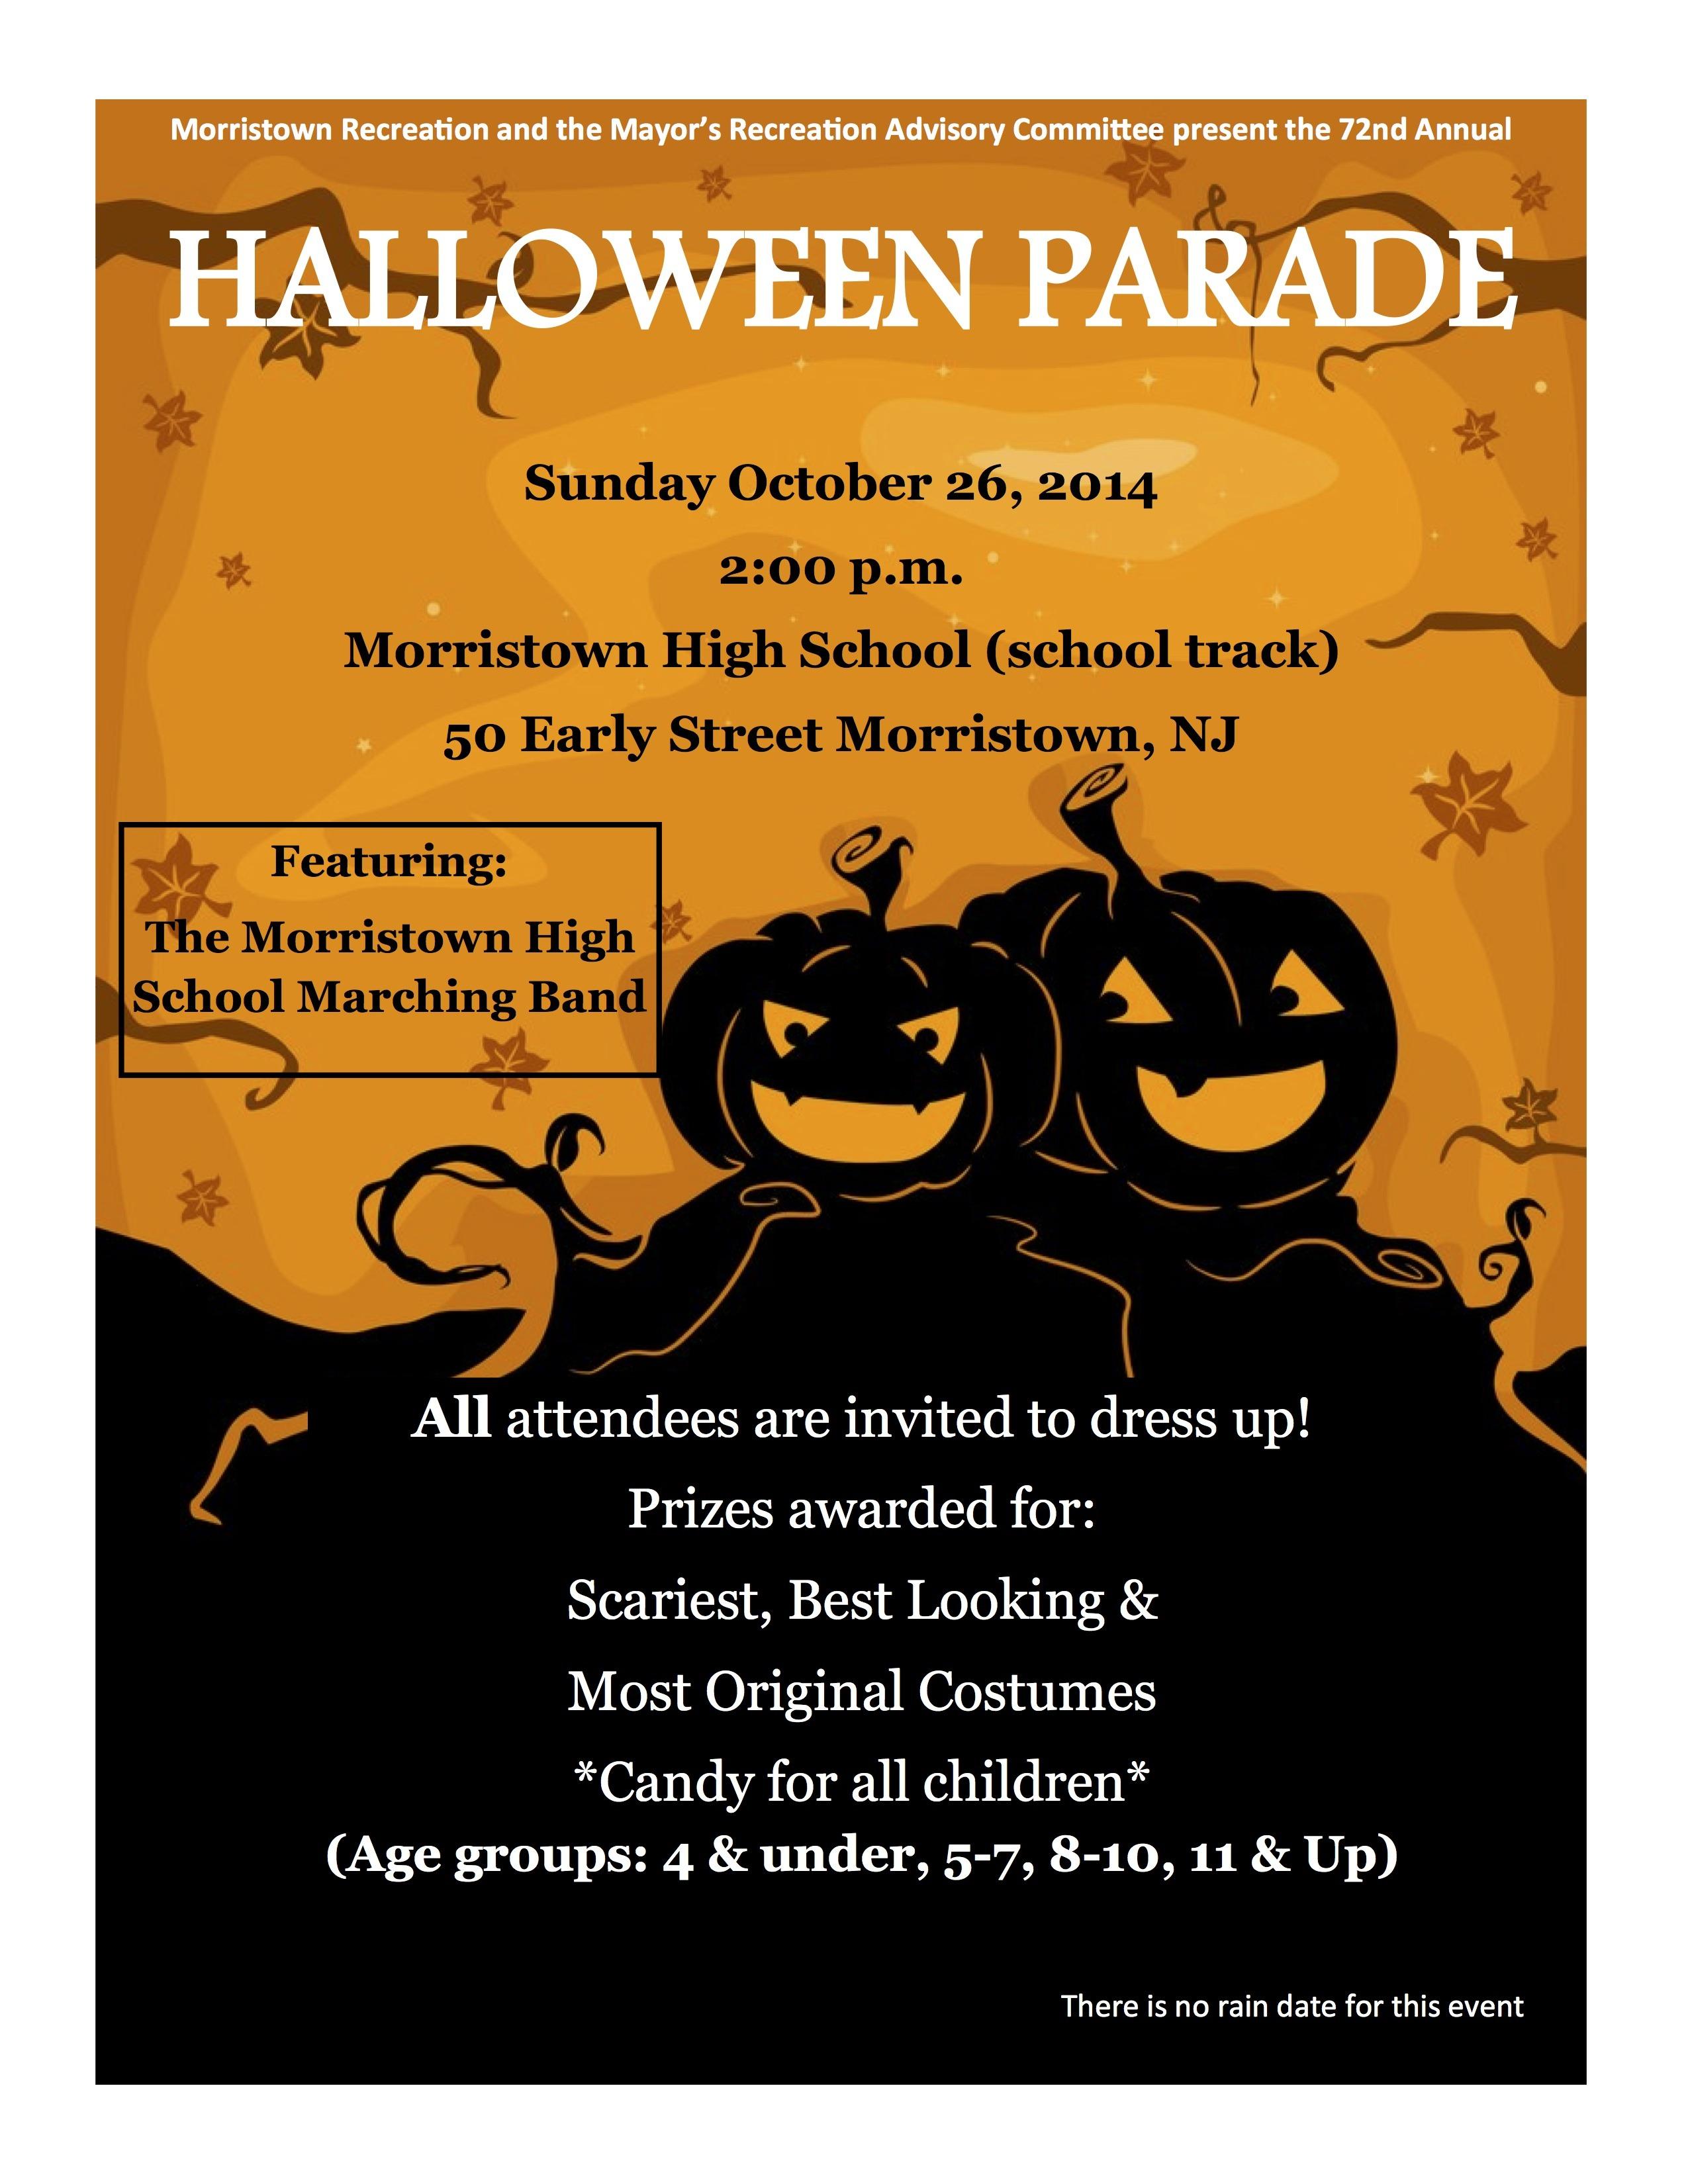 9a2ecfd5faa96ba3d5c9_Morristown_Halloween_Parade_2014.jpg